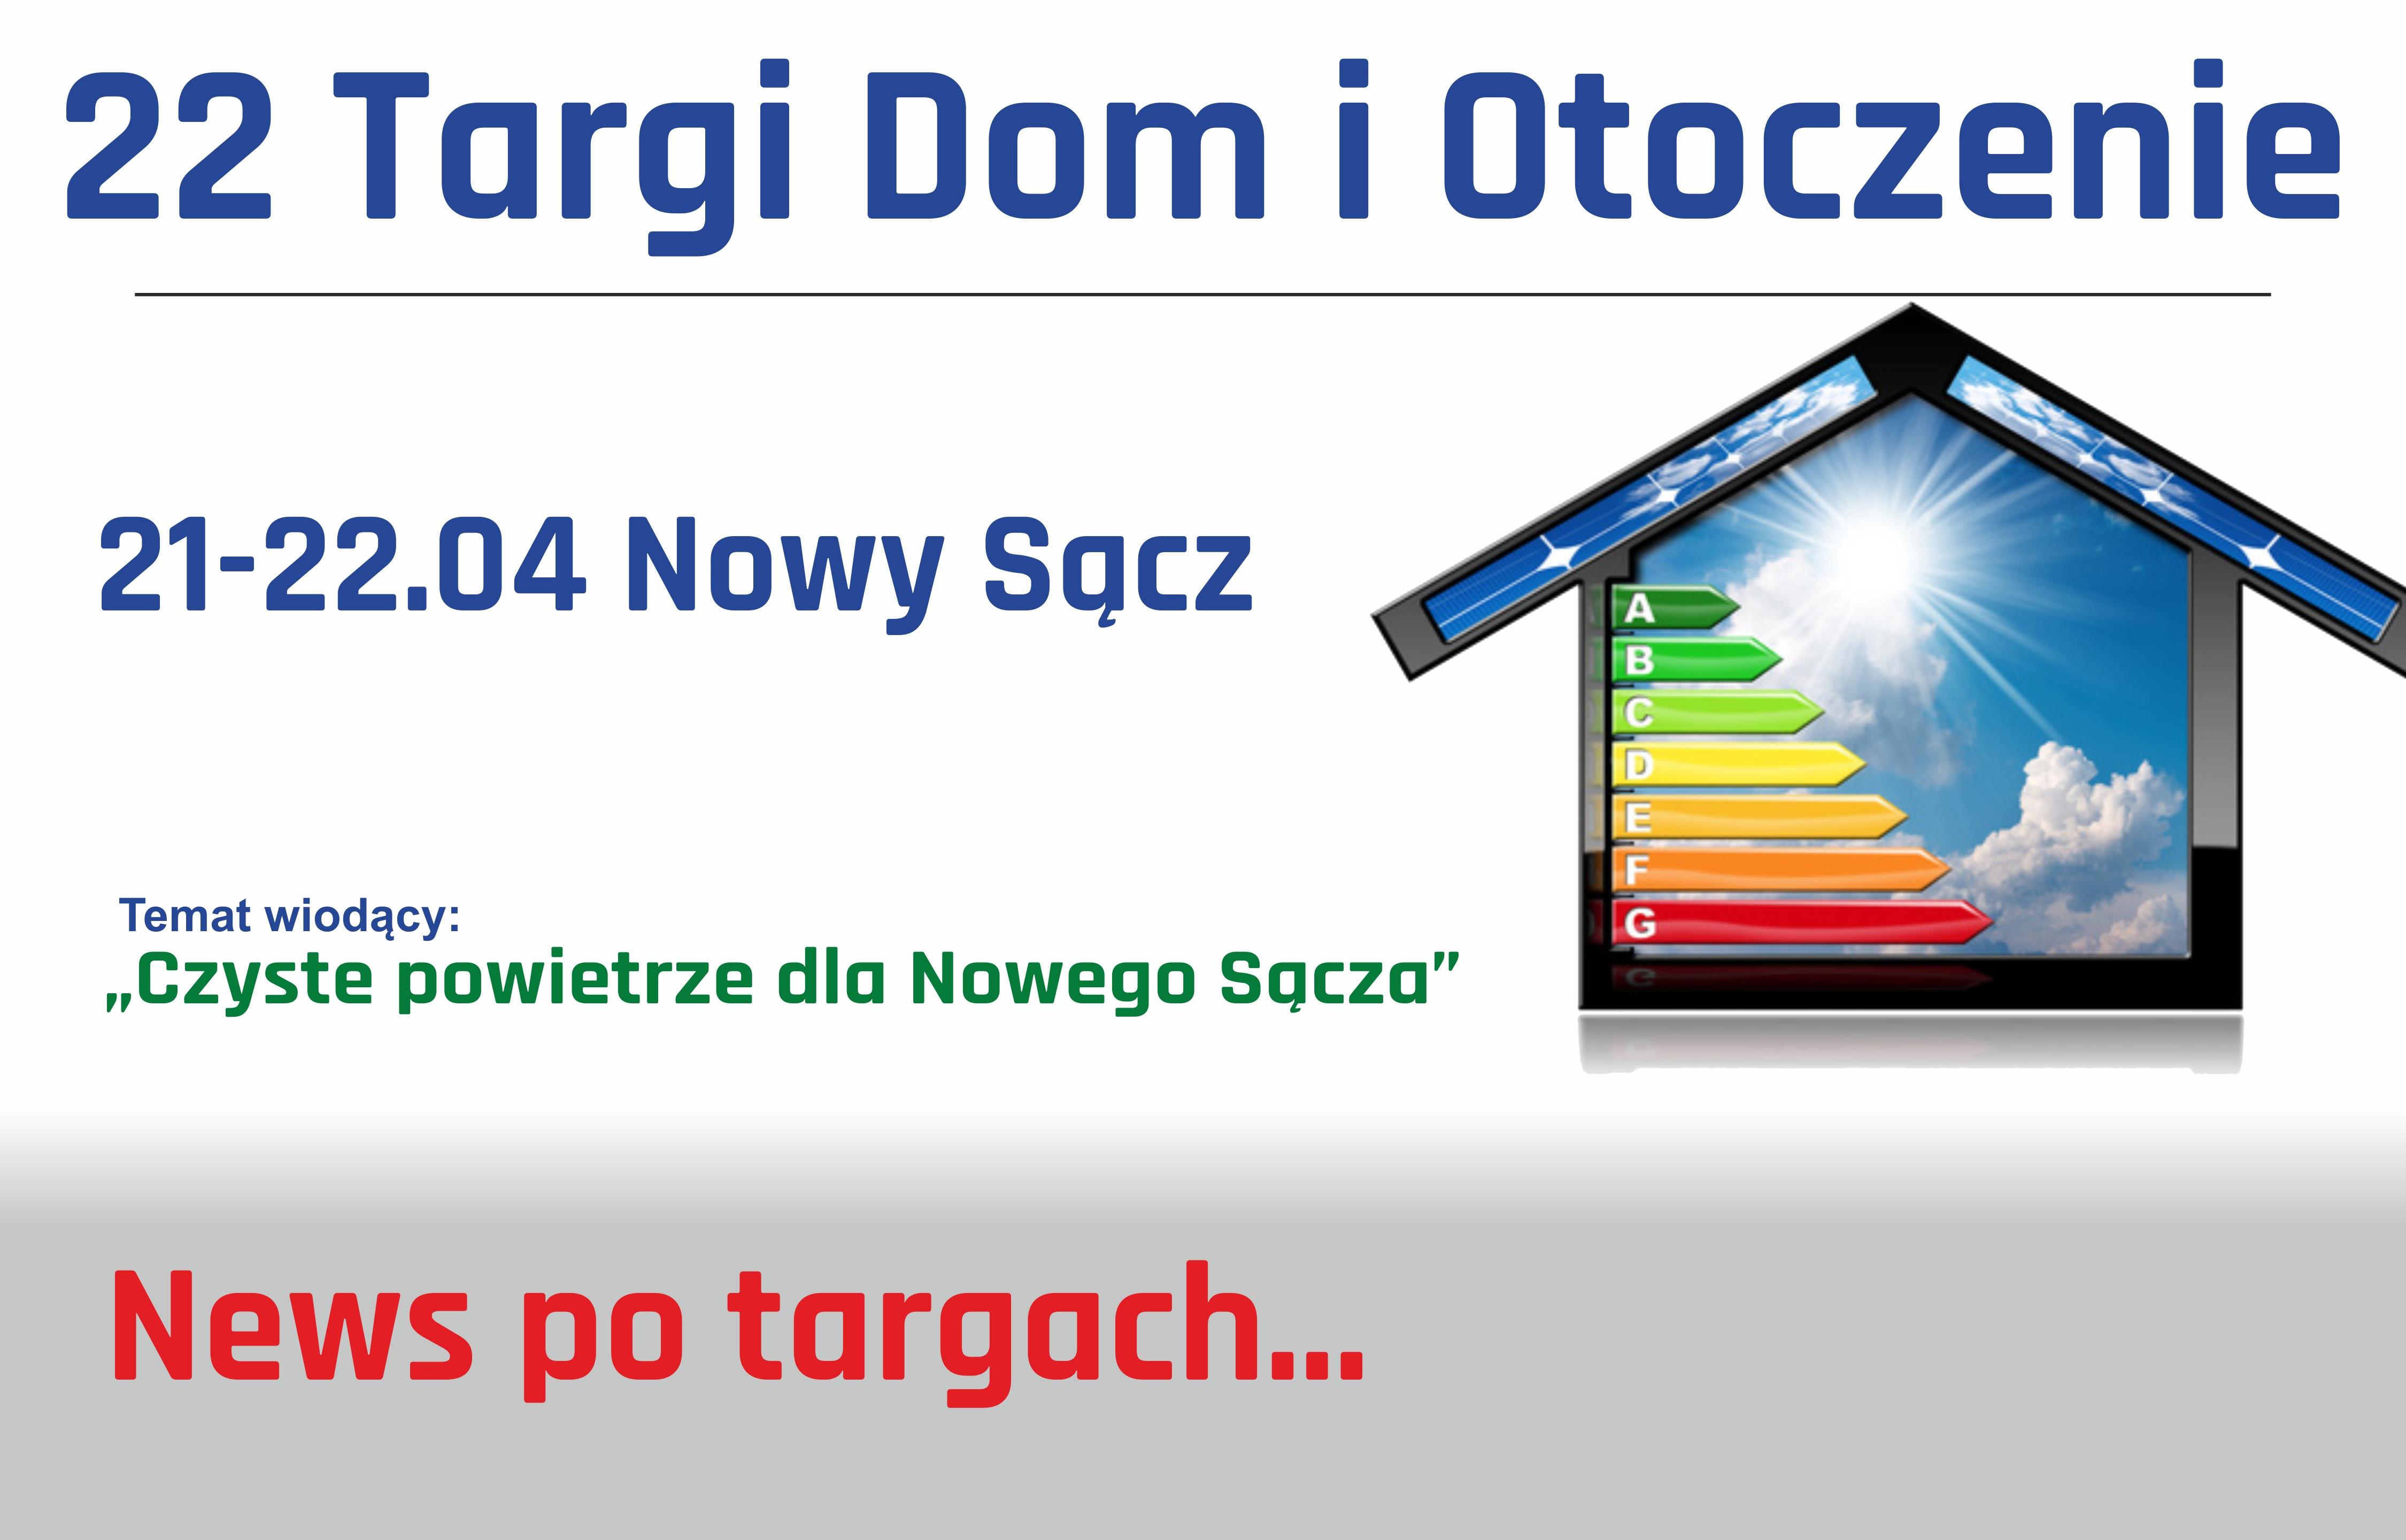 Kolejna edycja targów zakończona... Promocja-Targi.pl